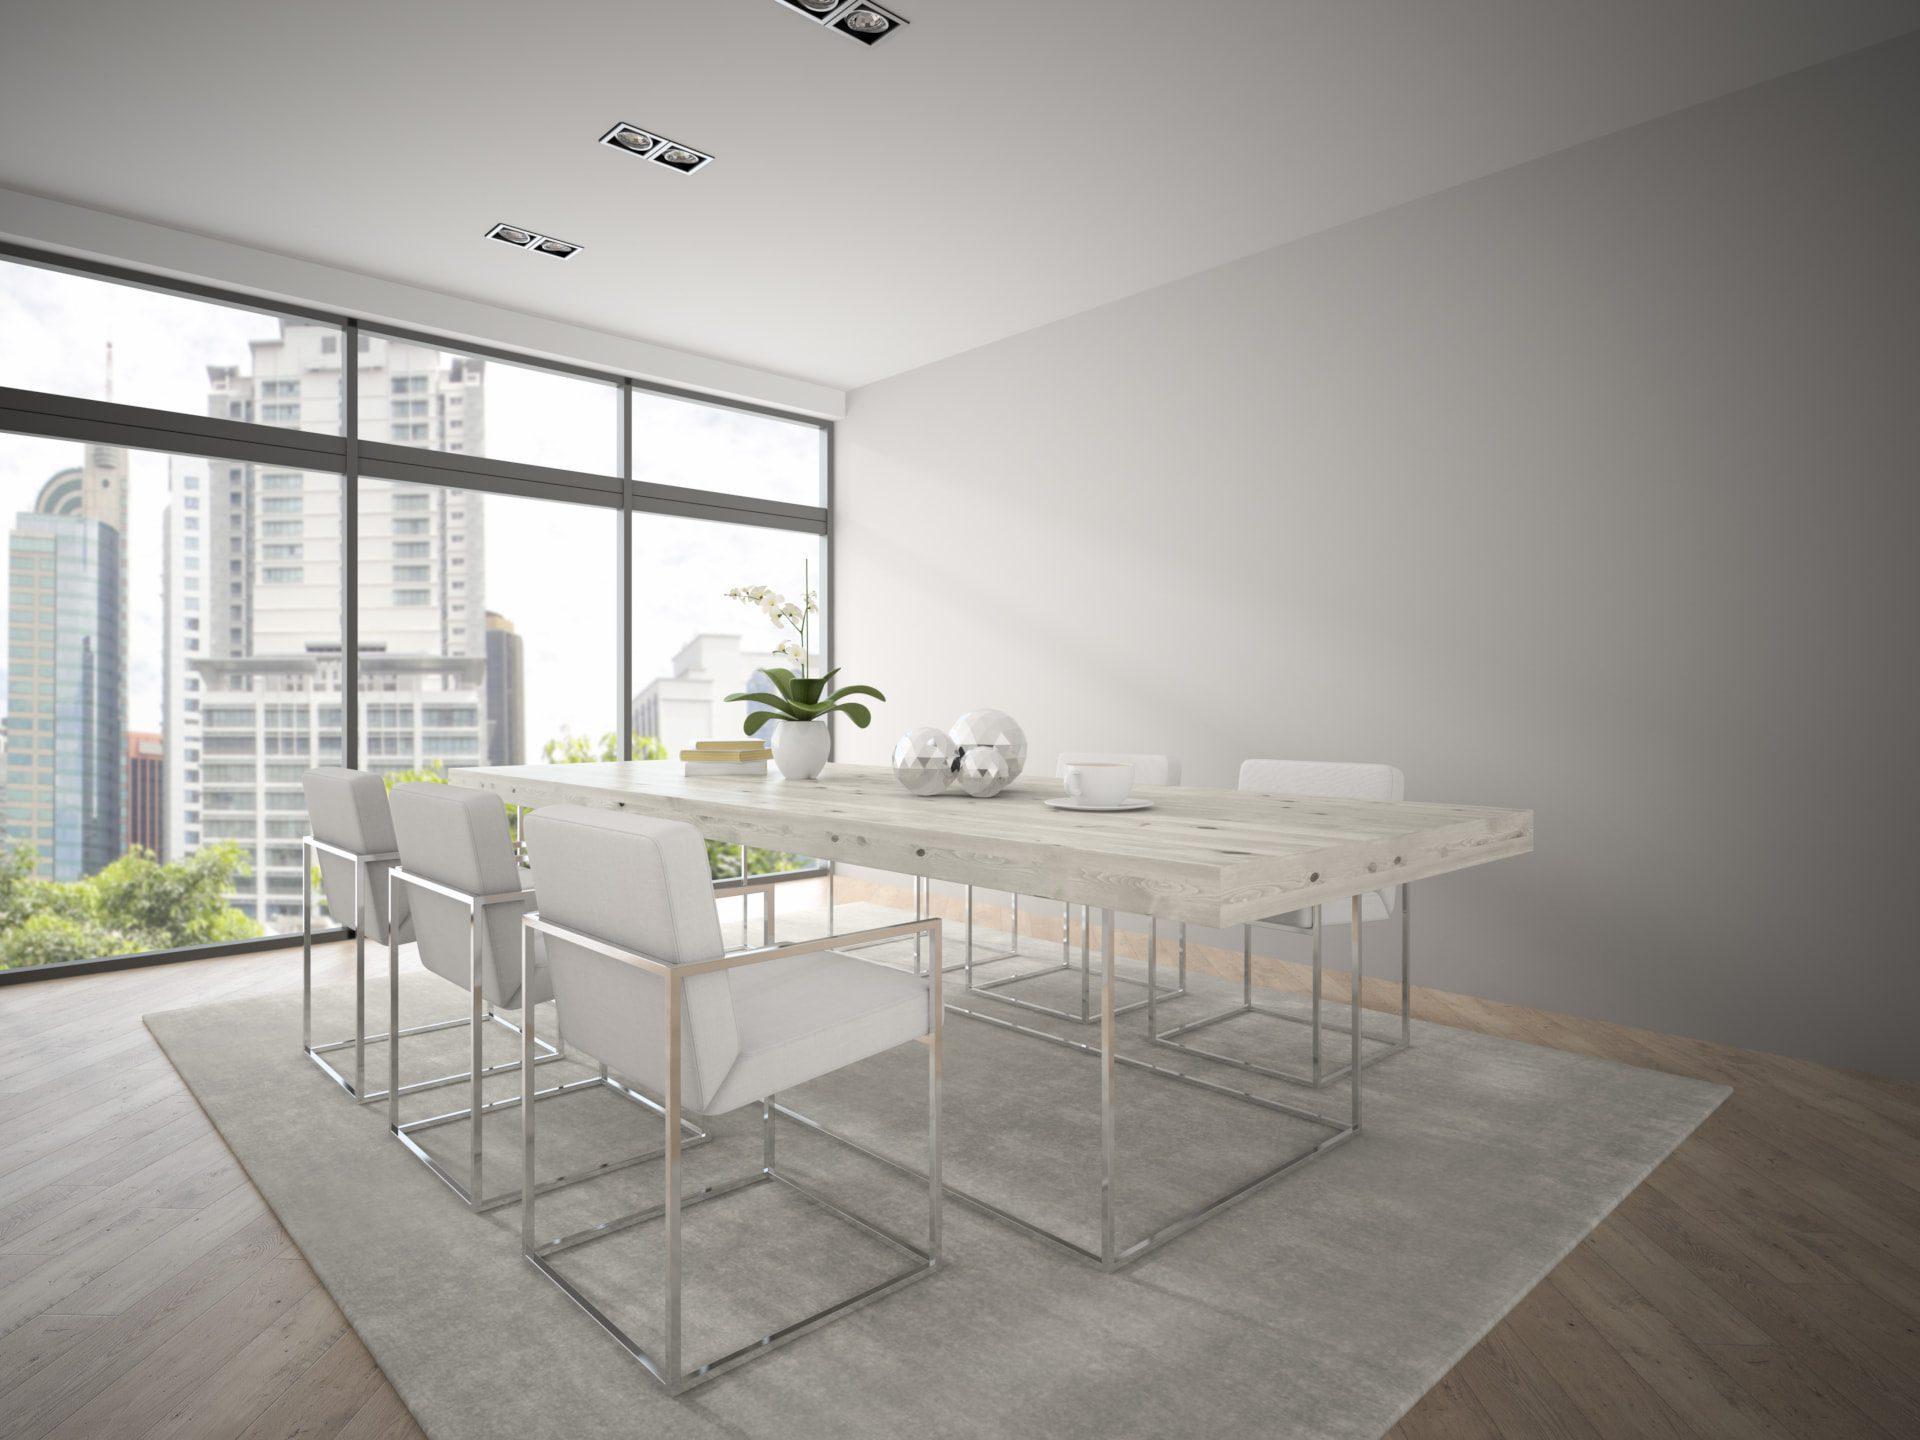 rendering of hotel meeting room